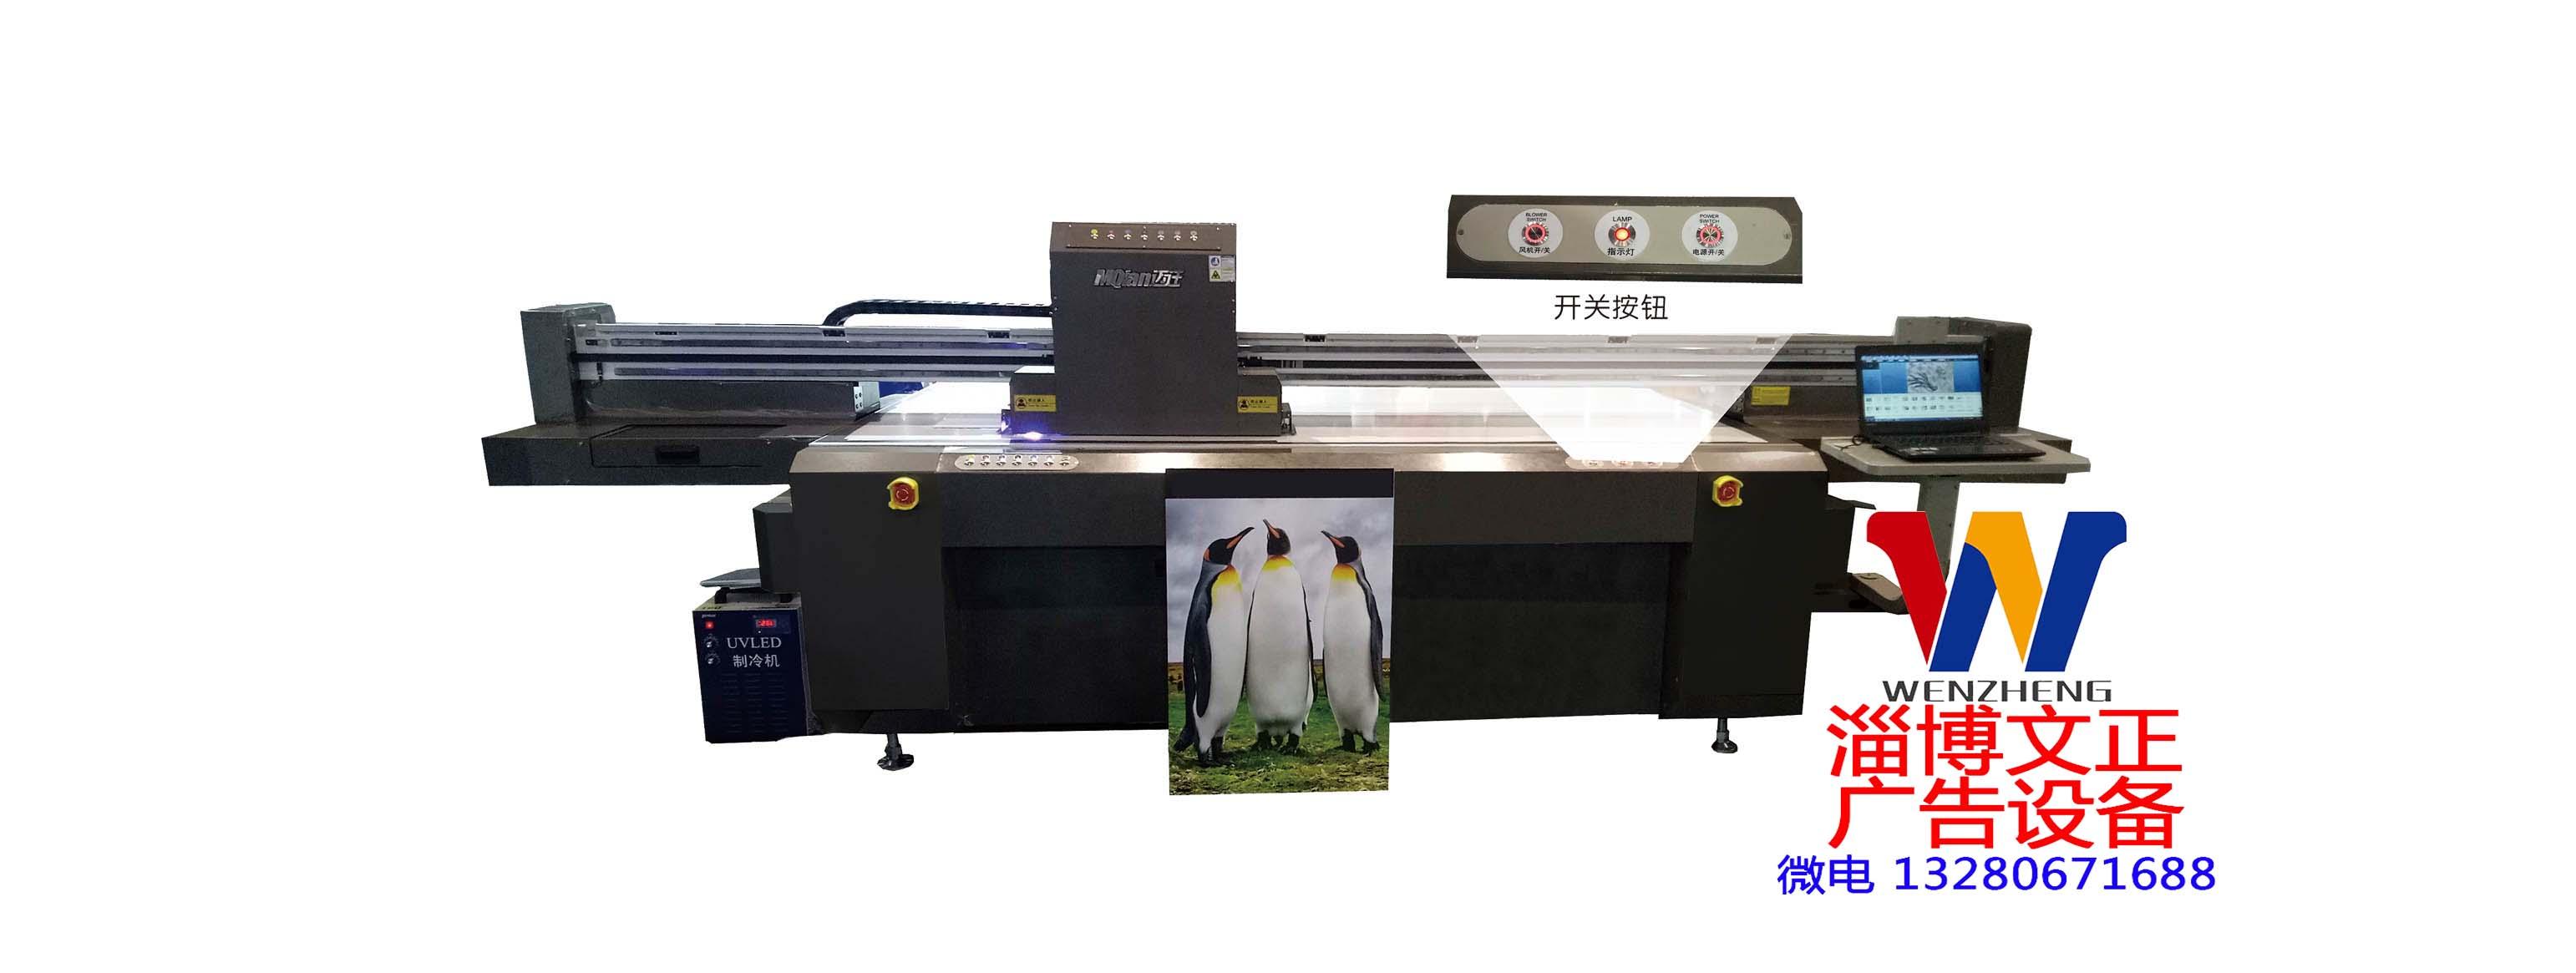 迈迁UV平板机, 瓷砖uv平板打印机,迈迁总代理